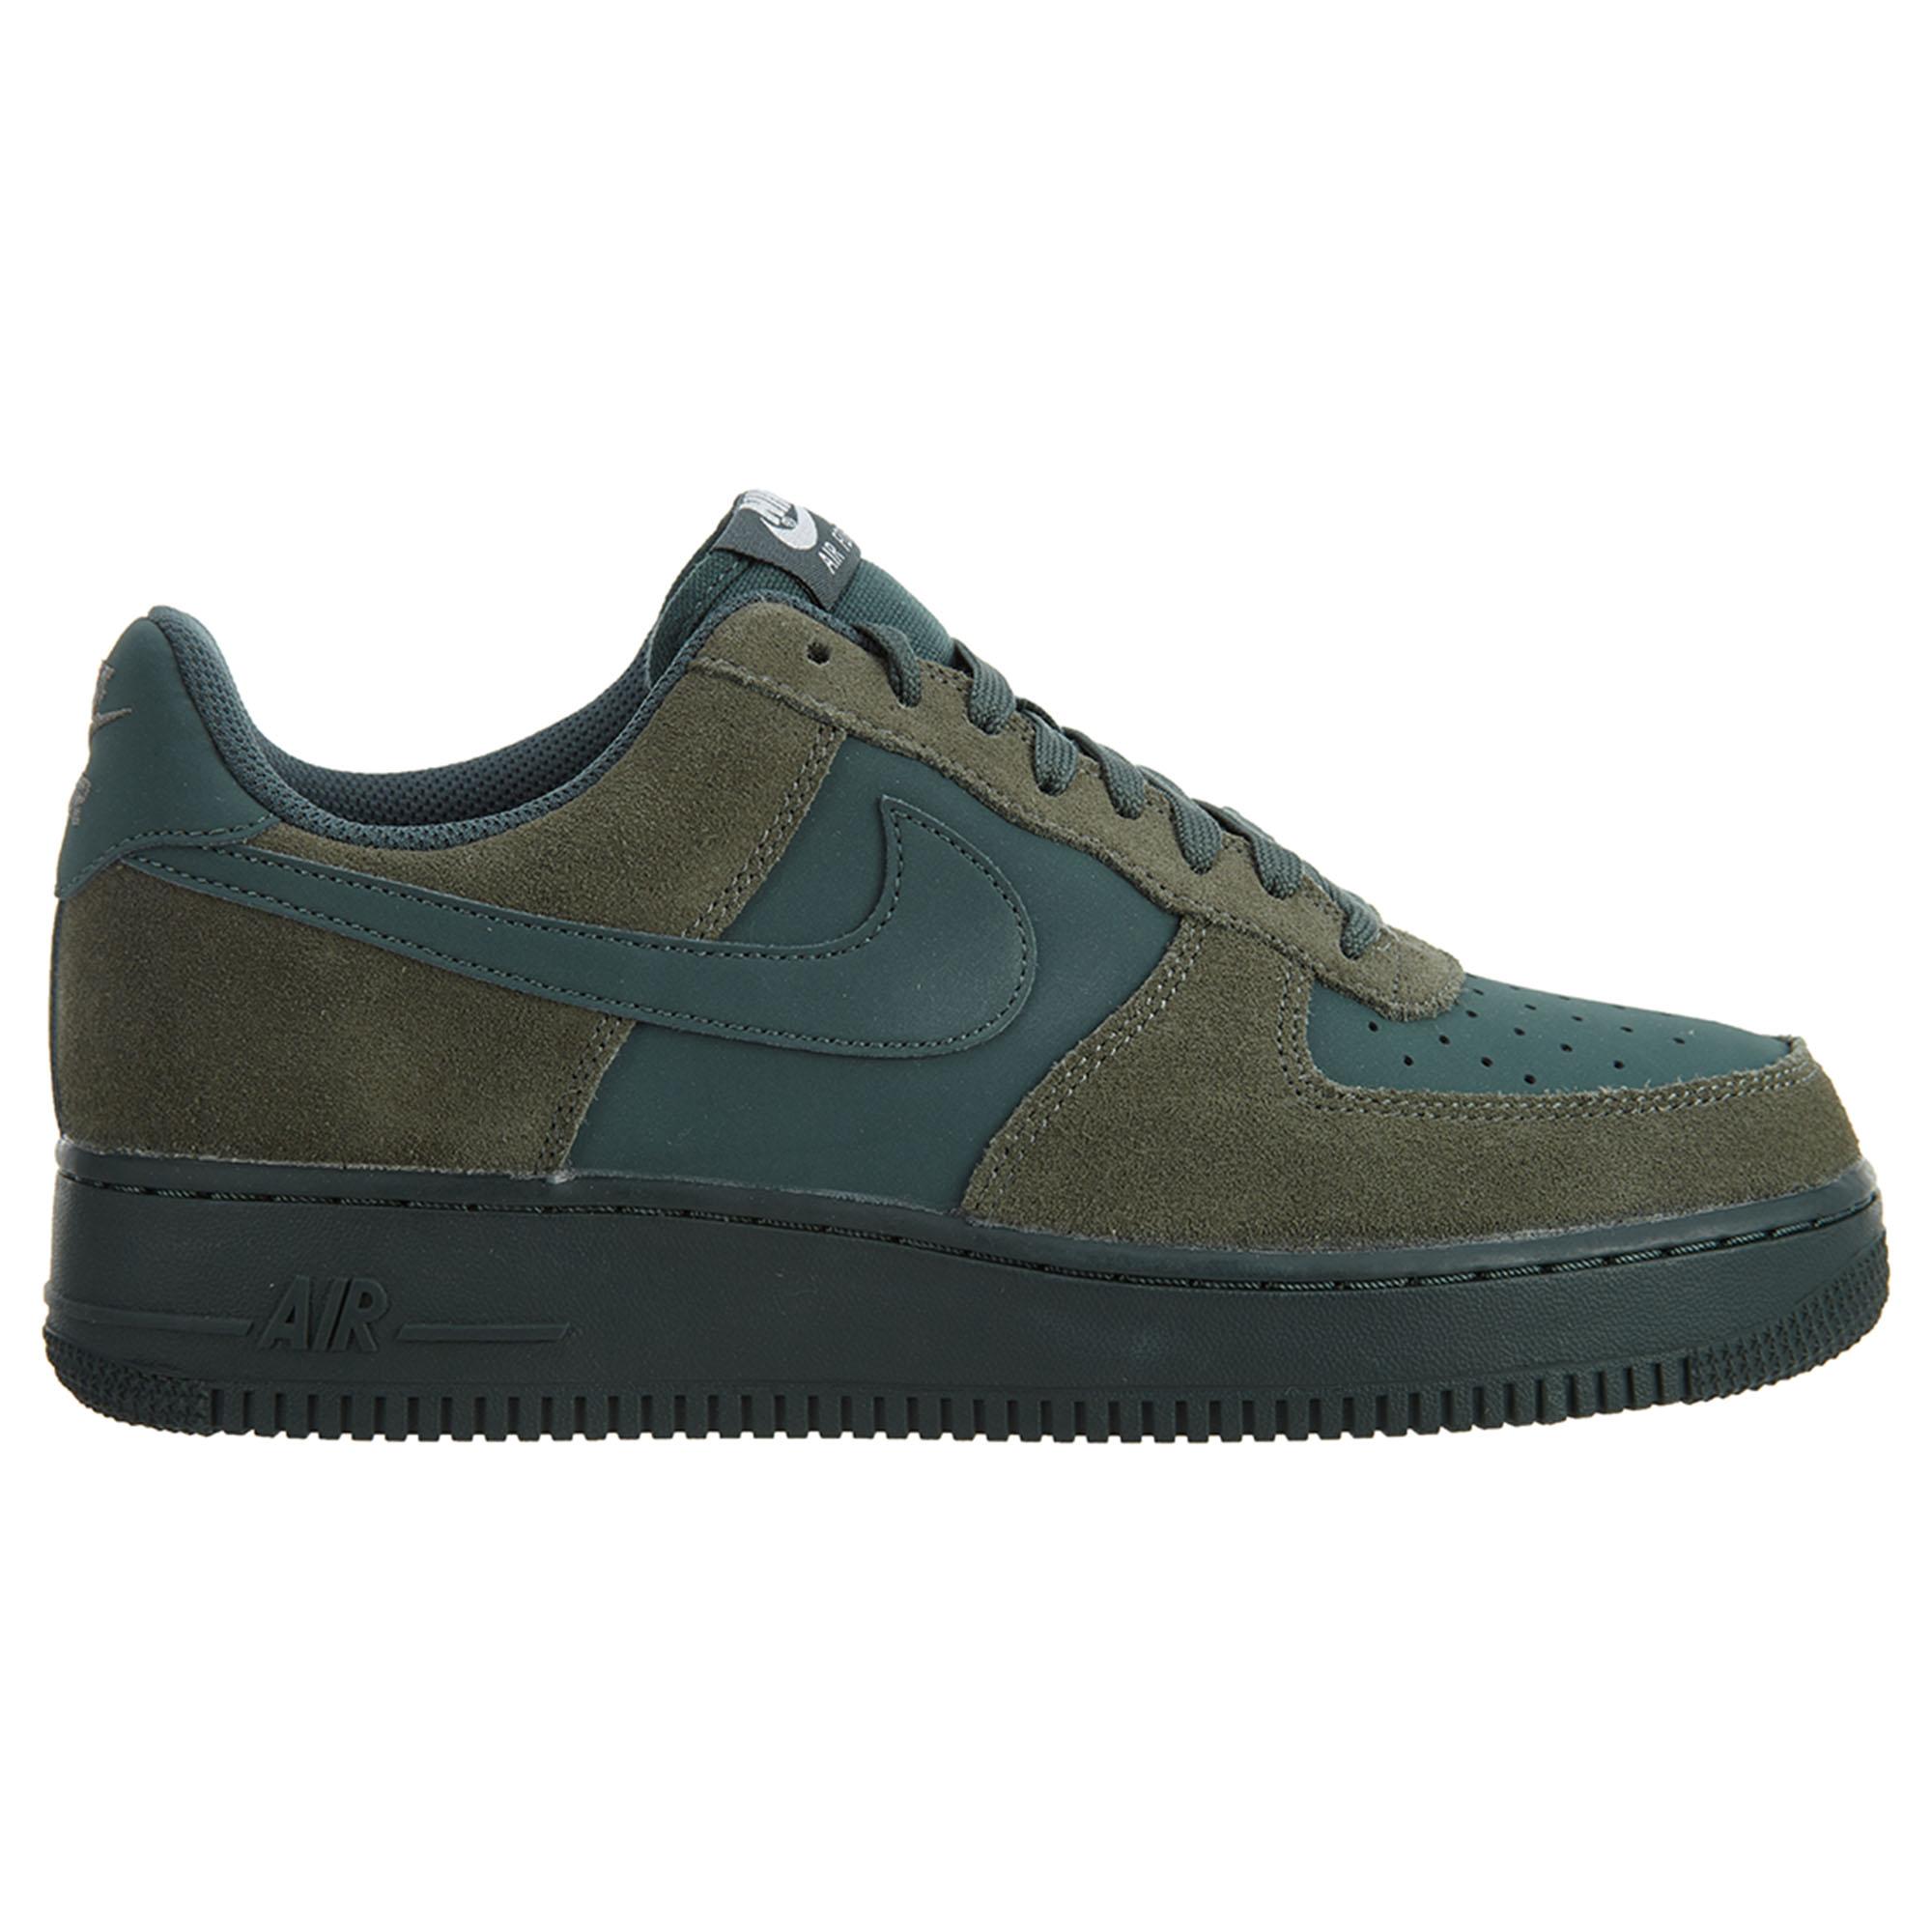 air force 1 vintage